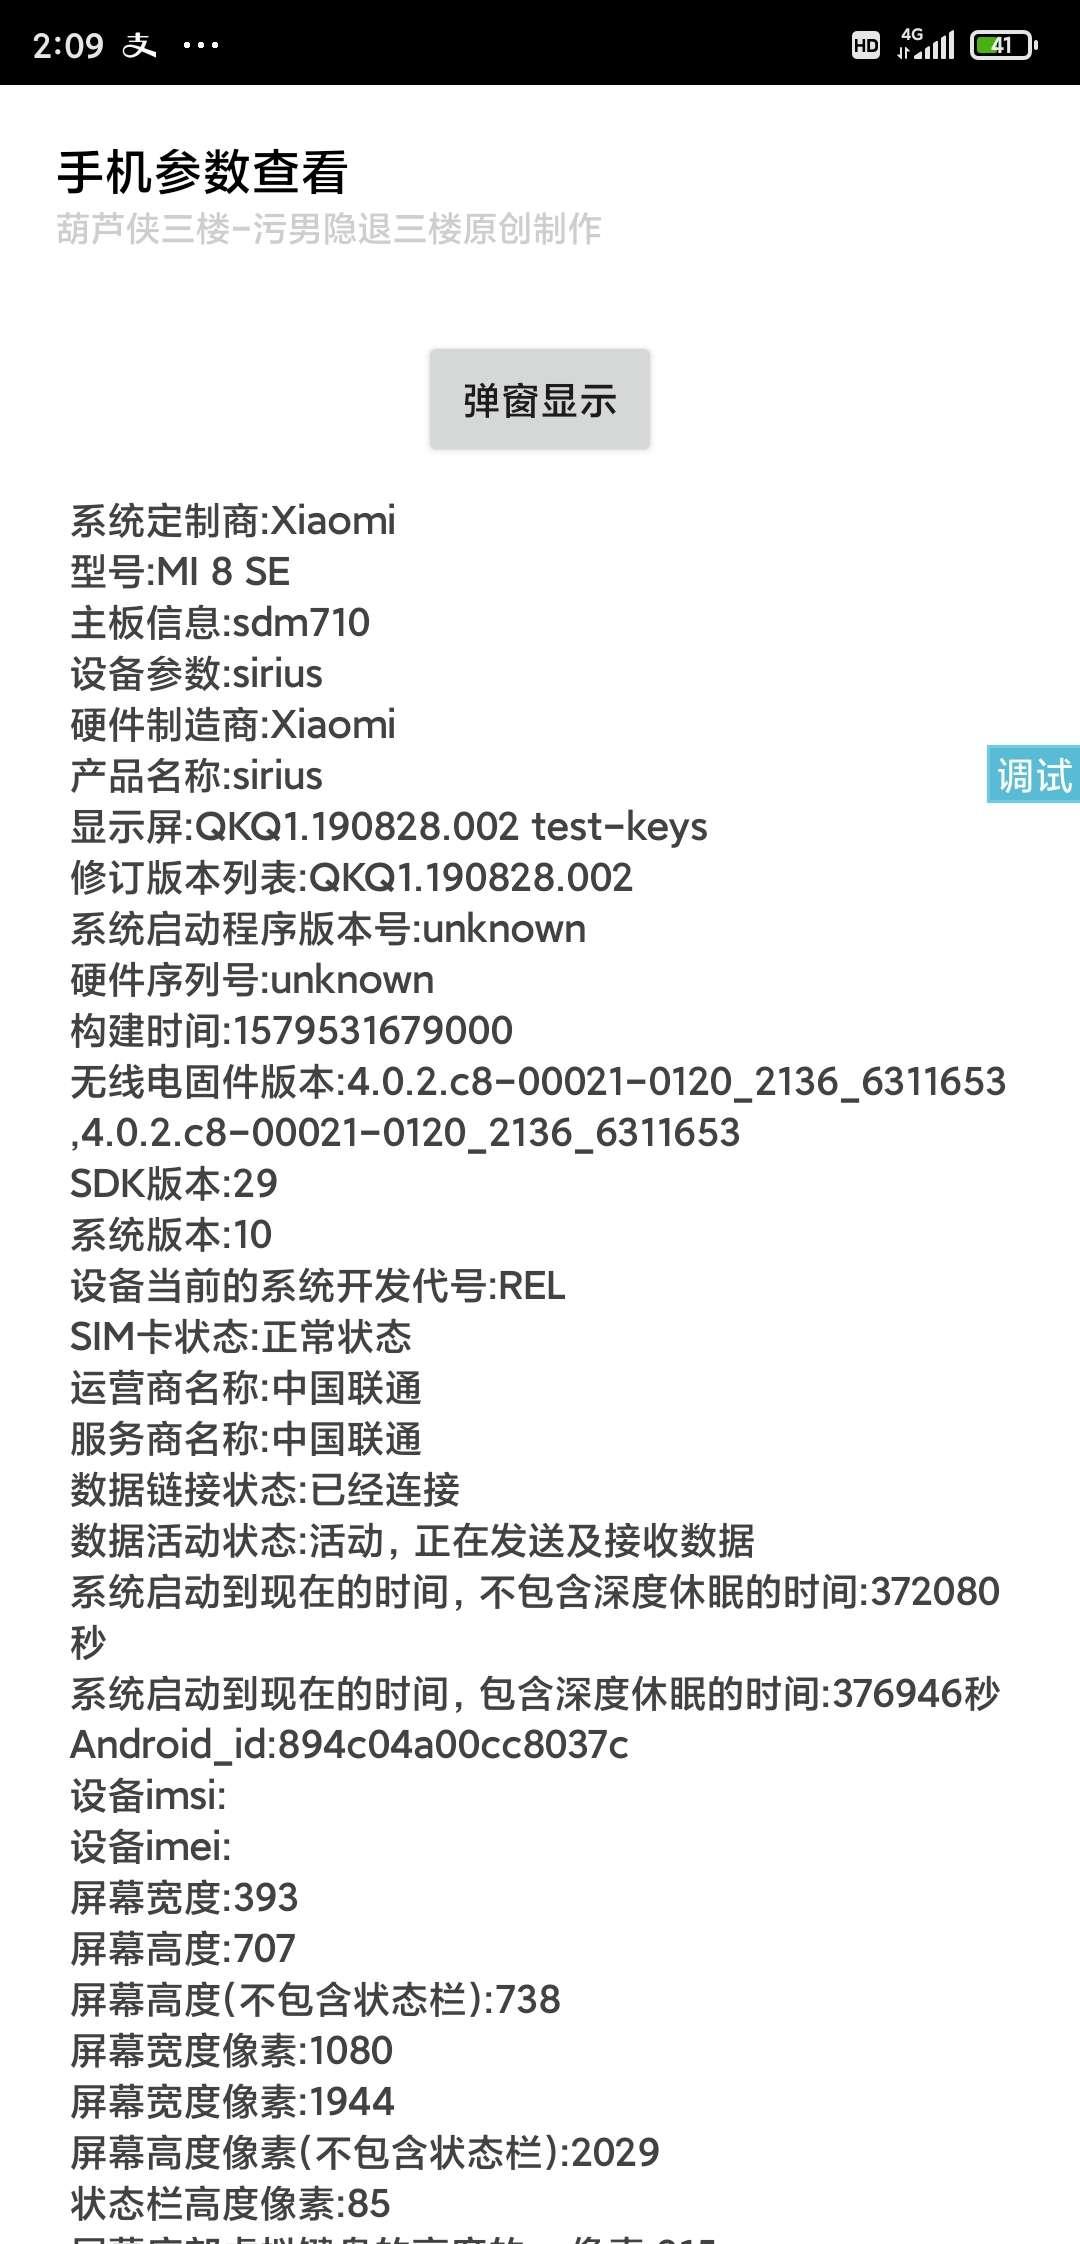 【原创工具】手机参数信息获取1.0